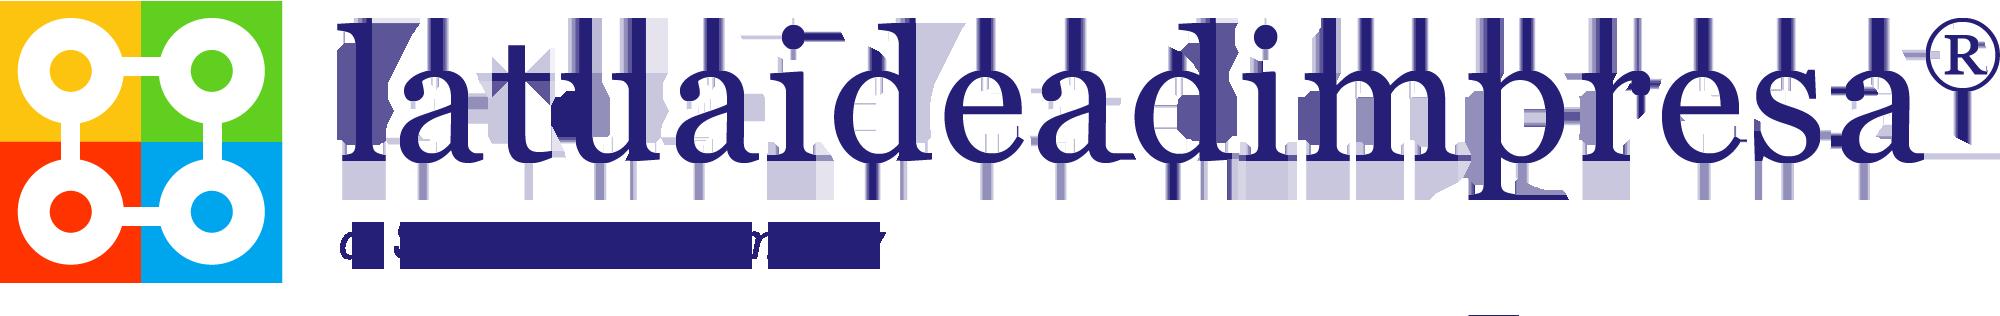 latuaideadimpresa logo